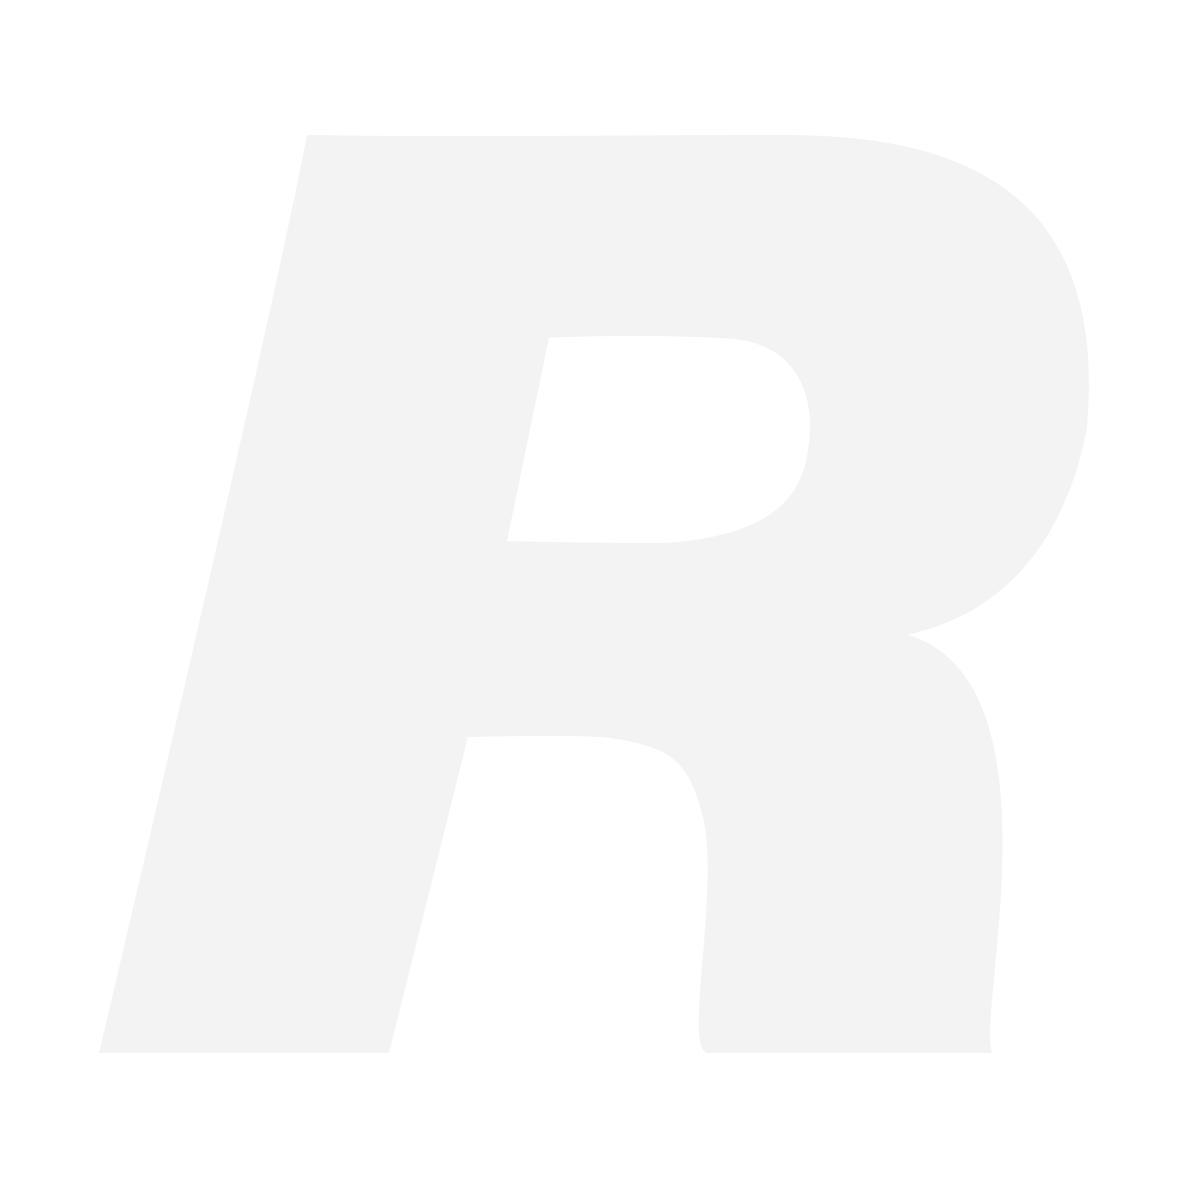 DJI CrystalSky RC -näyttölaitteen kiinnitysadapteri